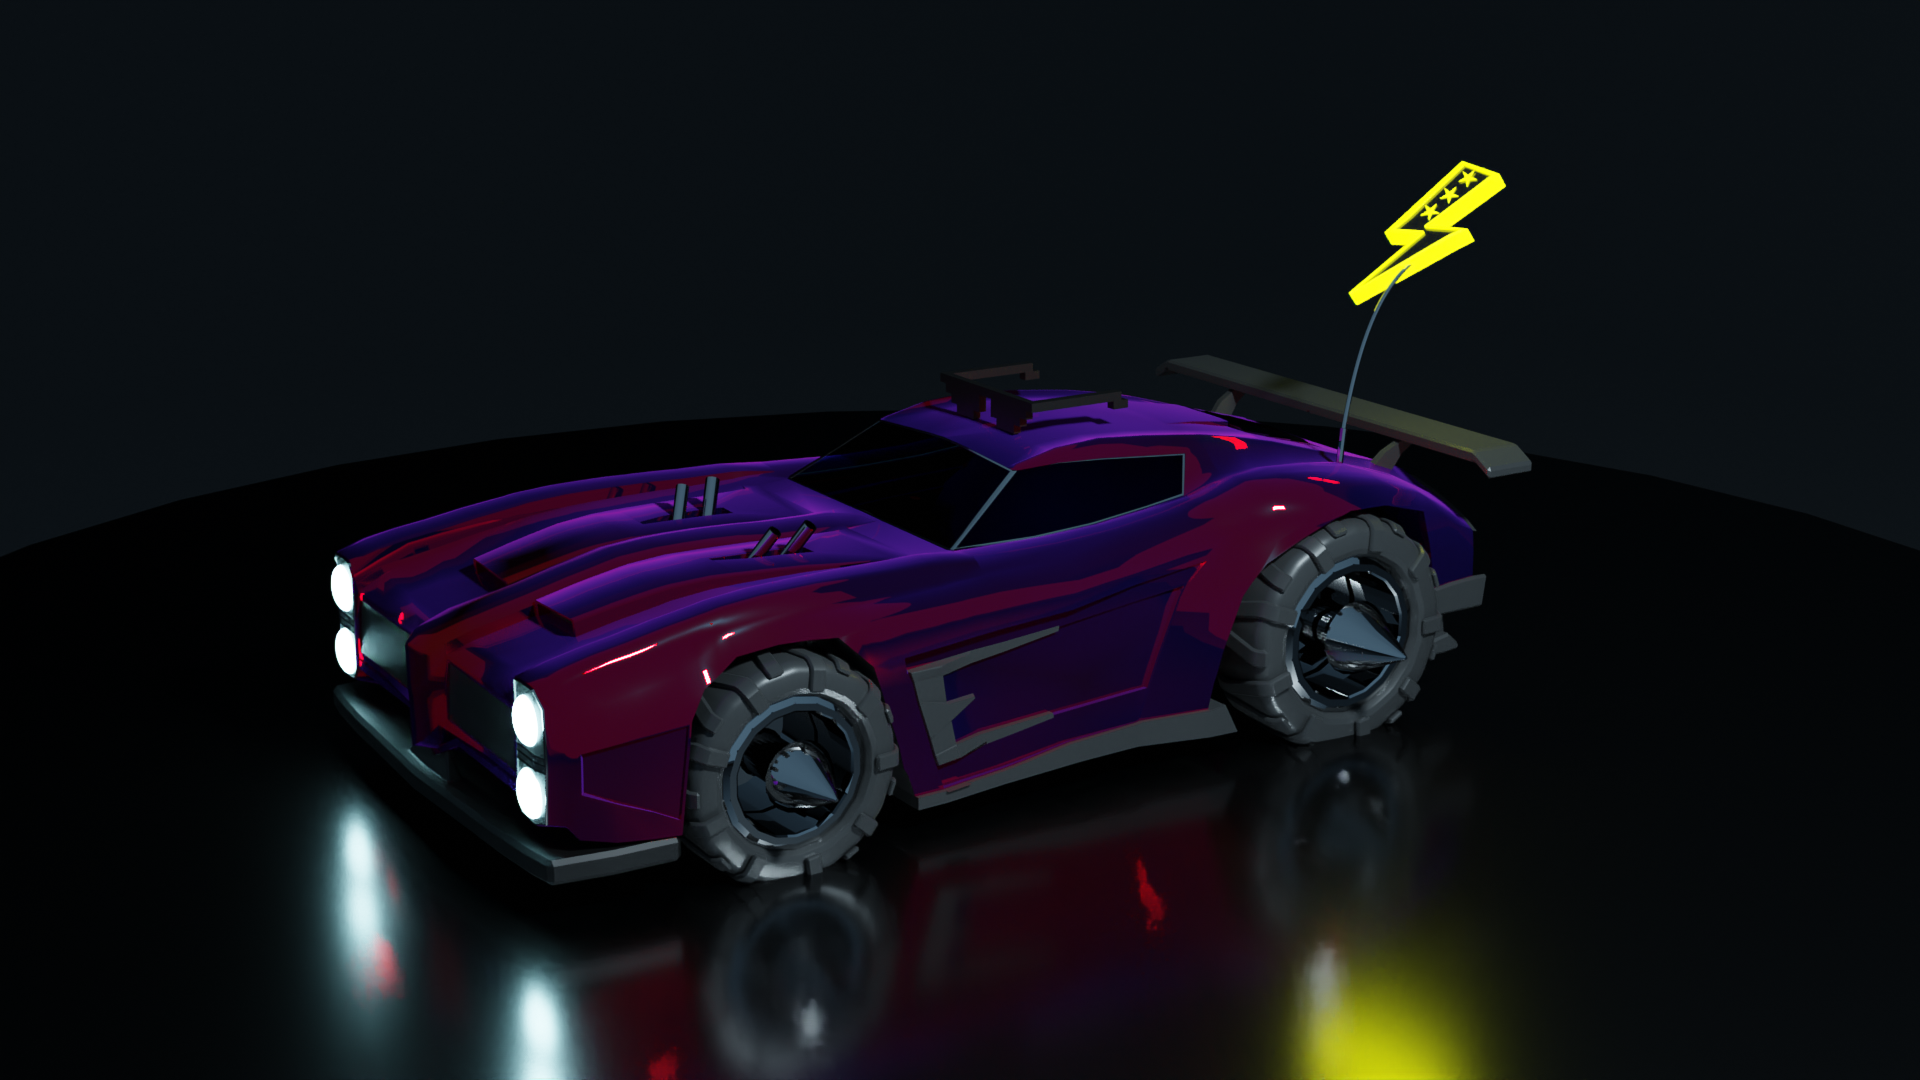 Dominus From Rocket League In Blender 1920x1080 Rocket League Rocket League Wallpaper Fantasy Cars